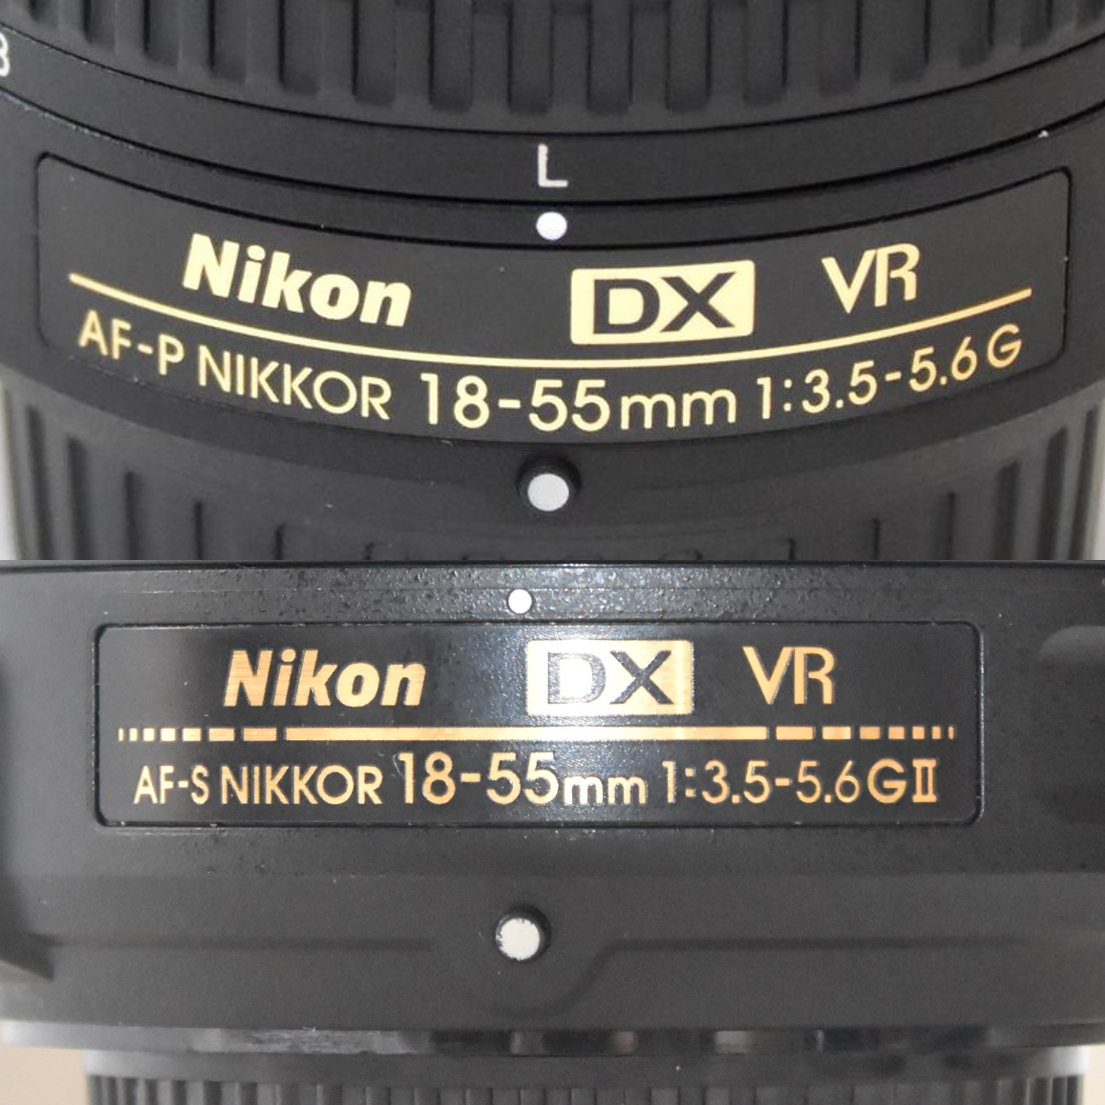 NIKKOR AF-SレンズとAF-Pレンズを比較